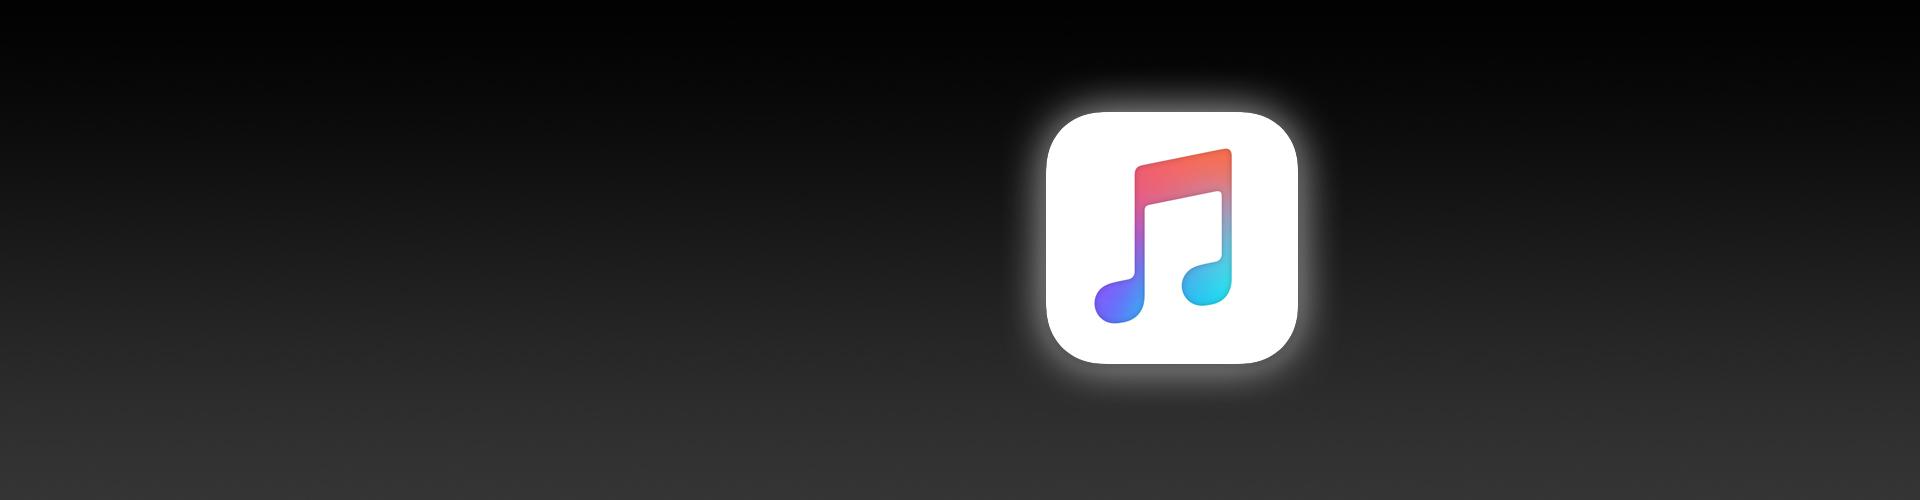 apple-music-slider-21